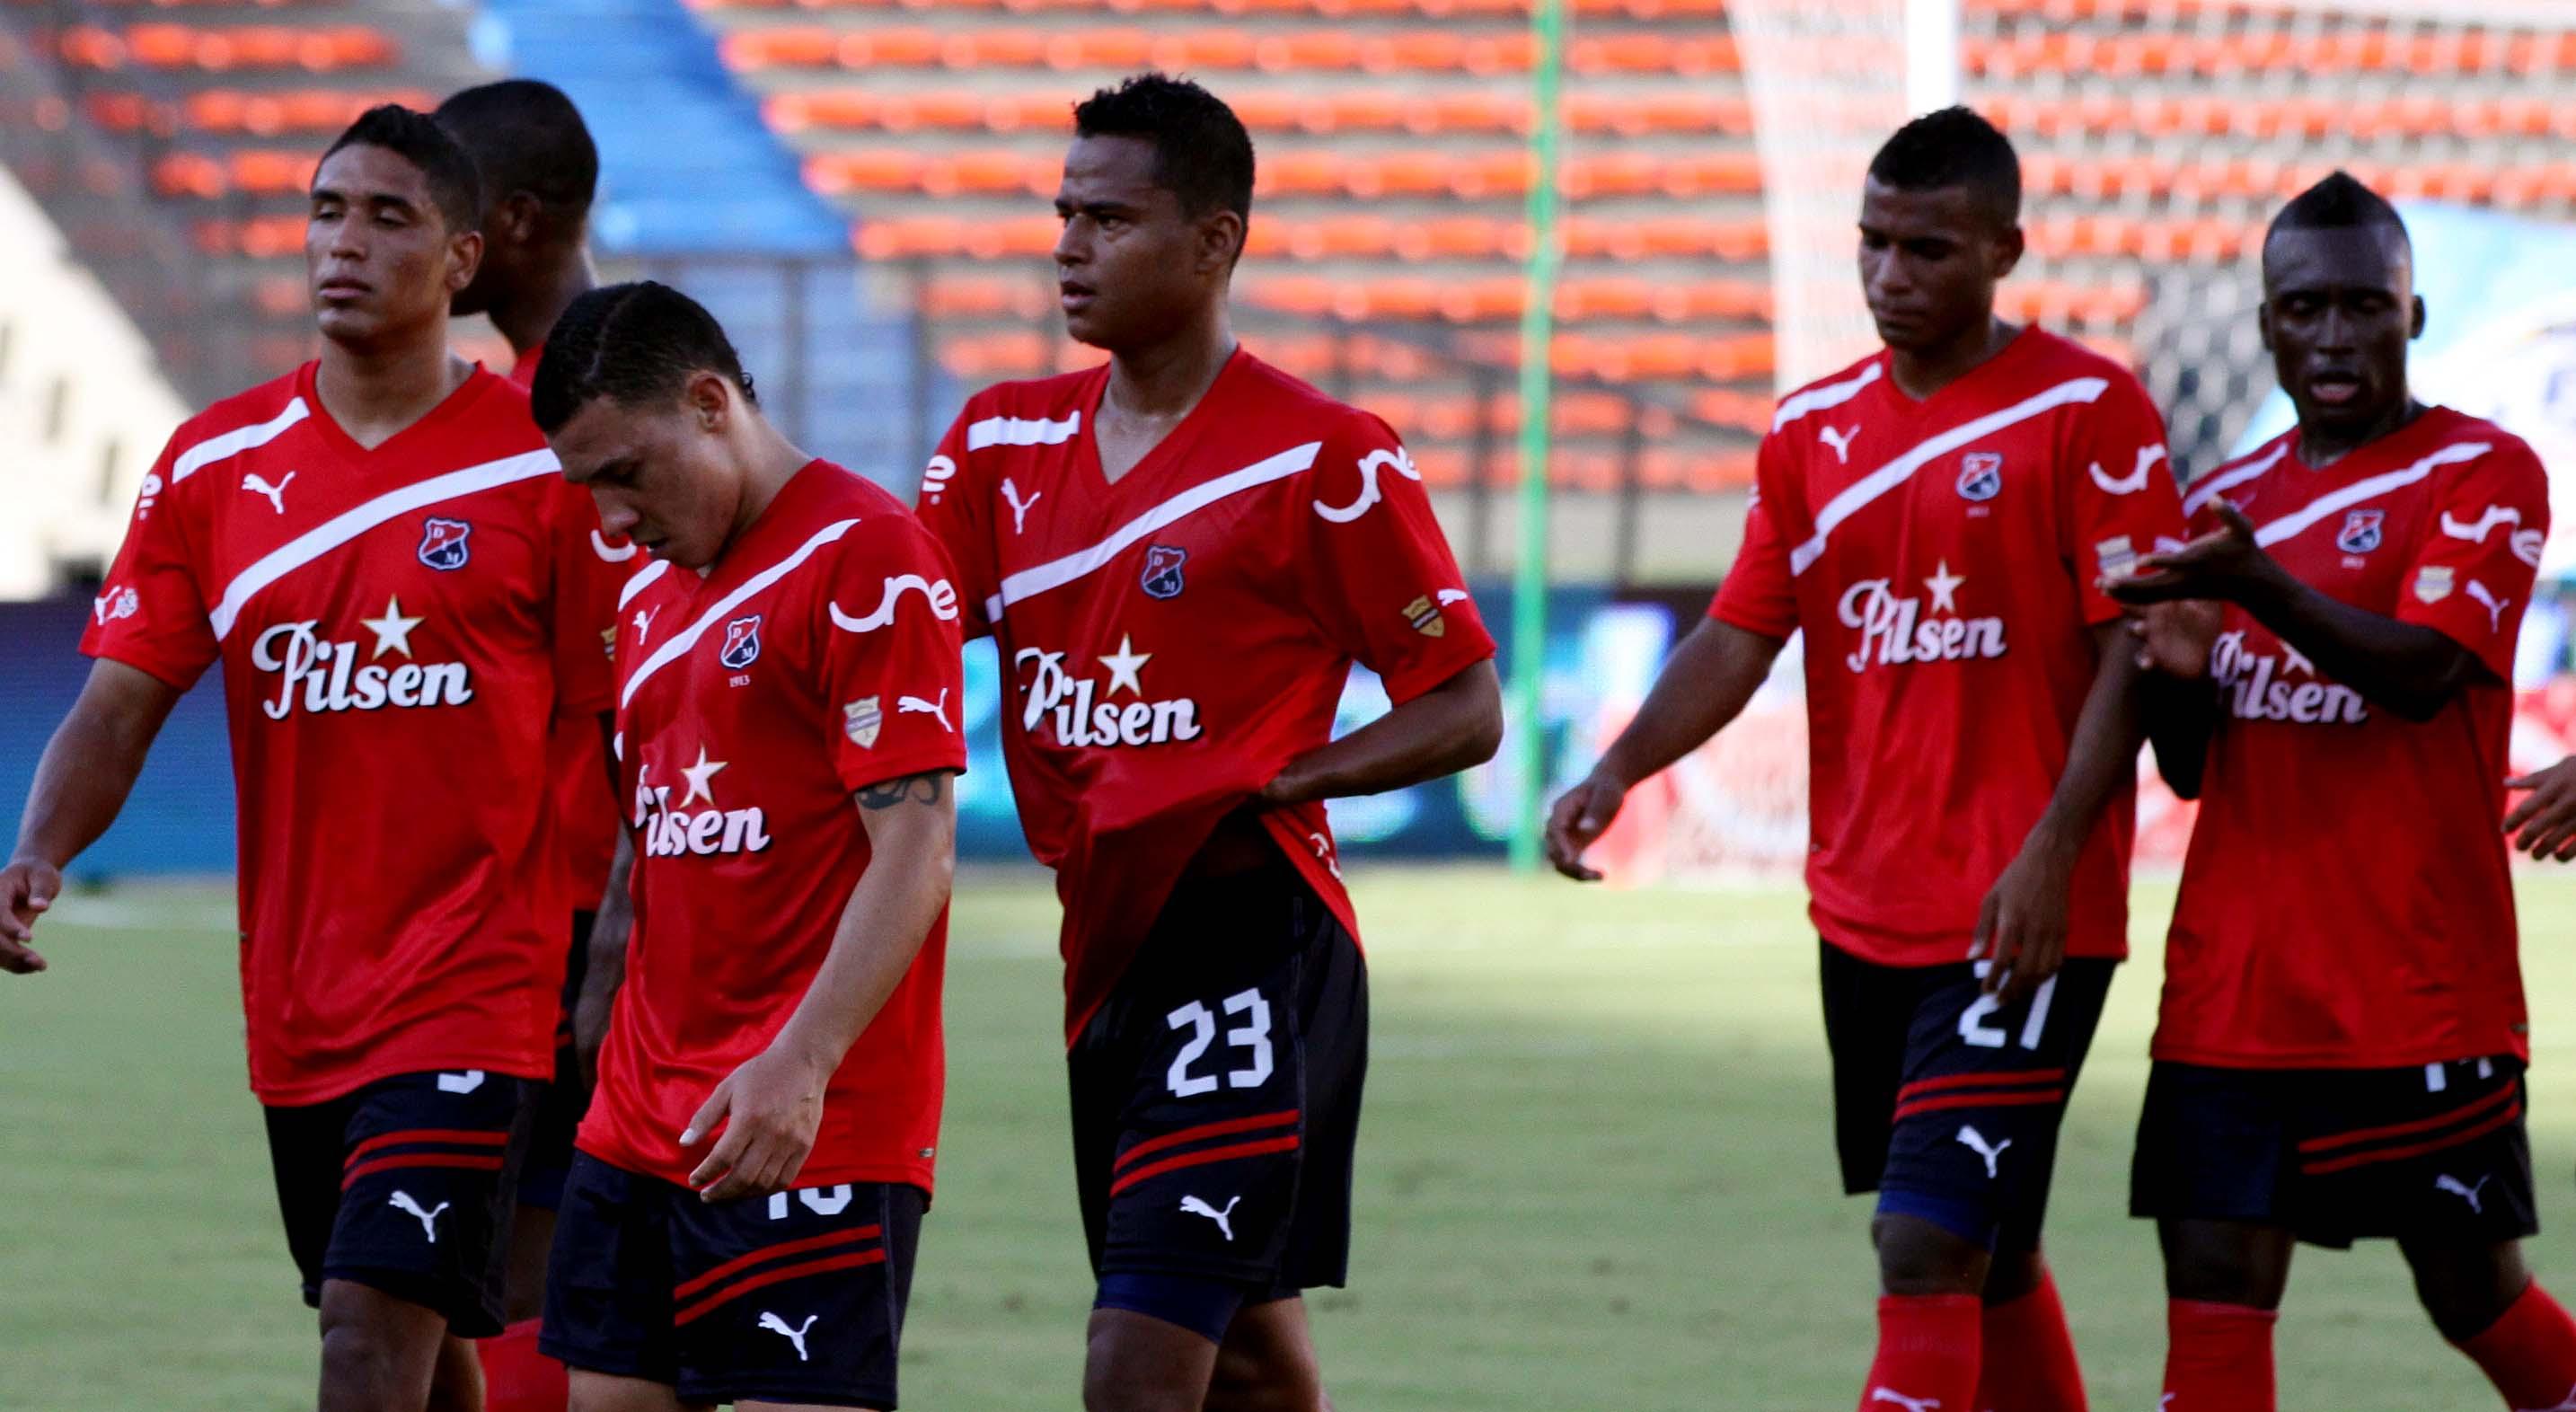 El Medellín sin apuros le ganó al subcampeón